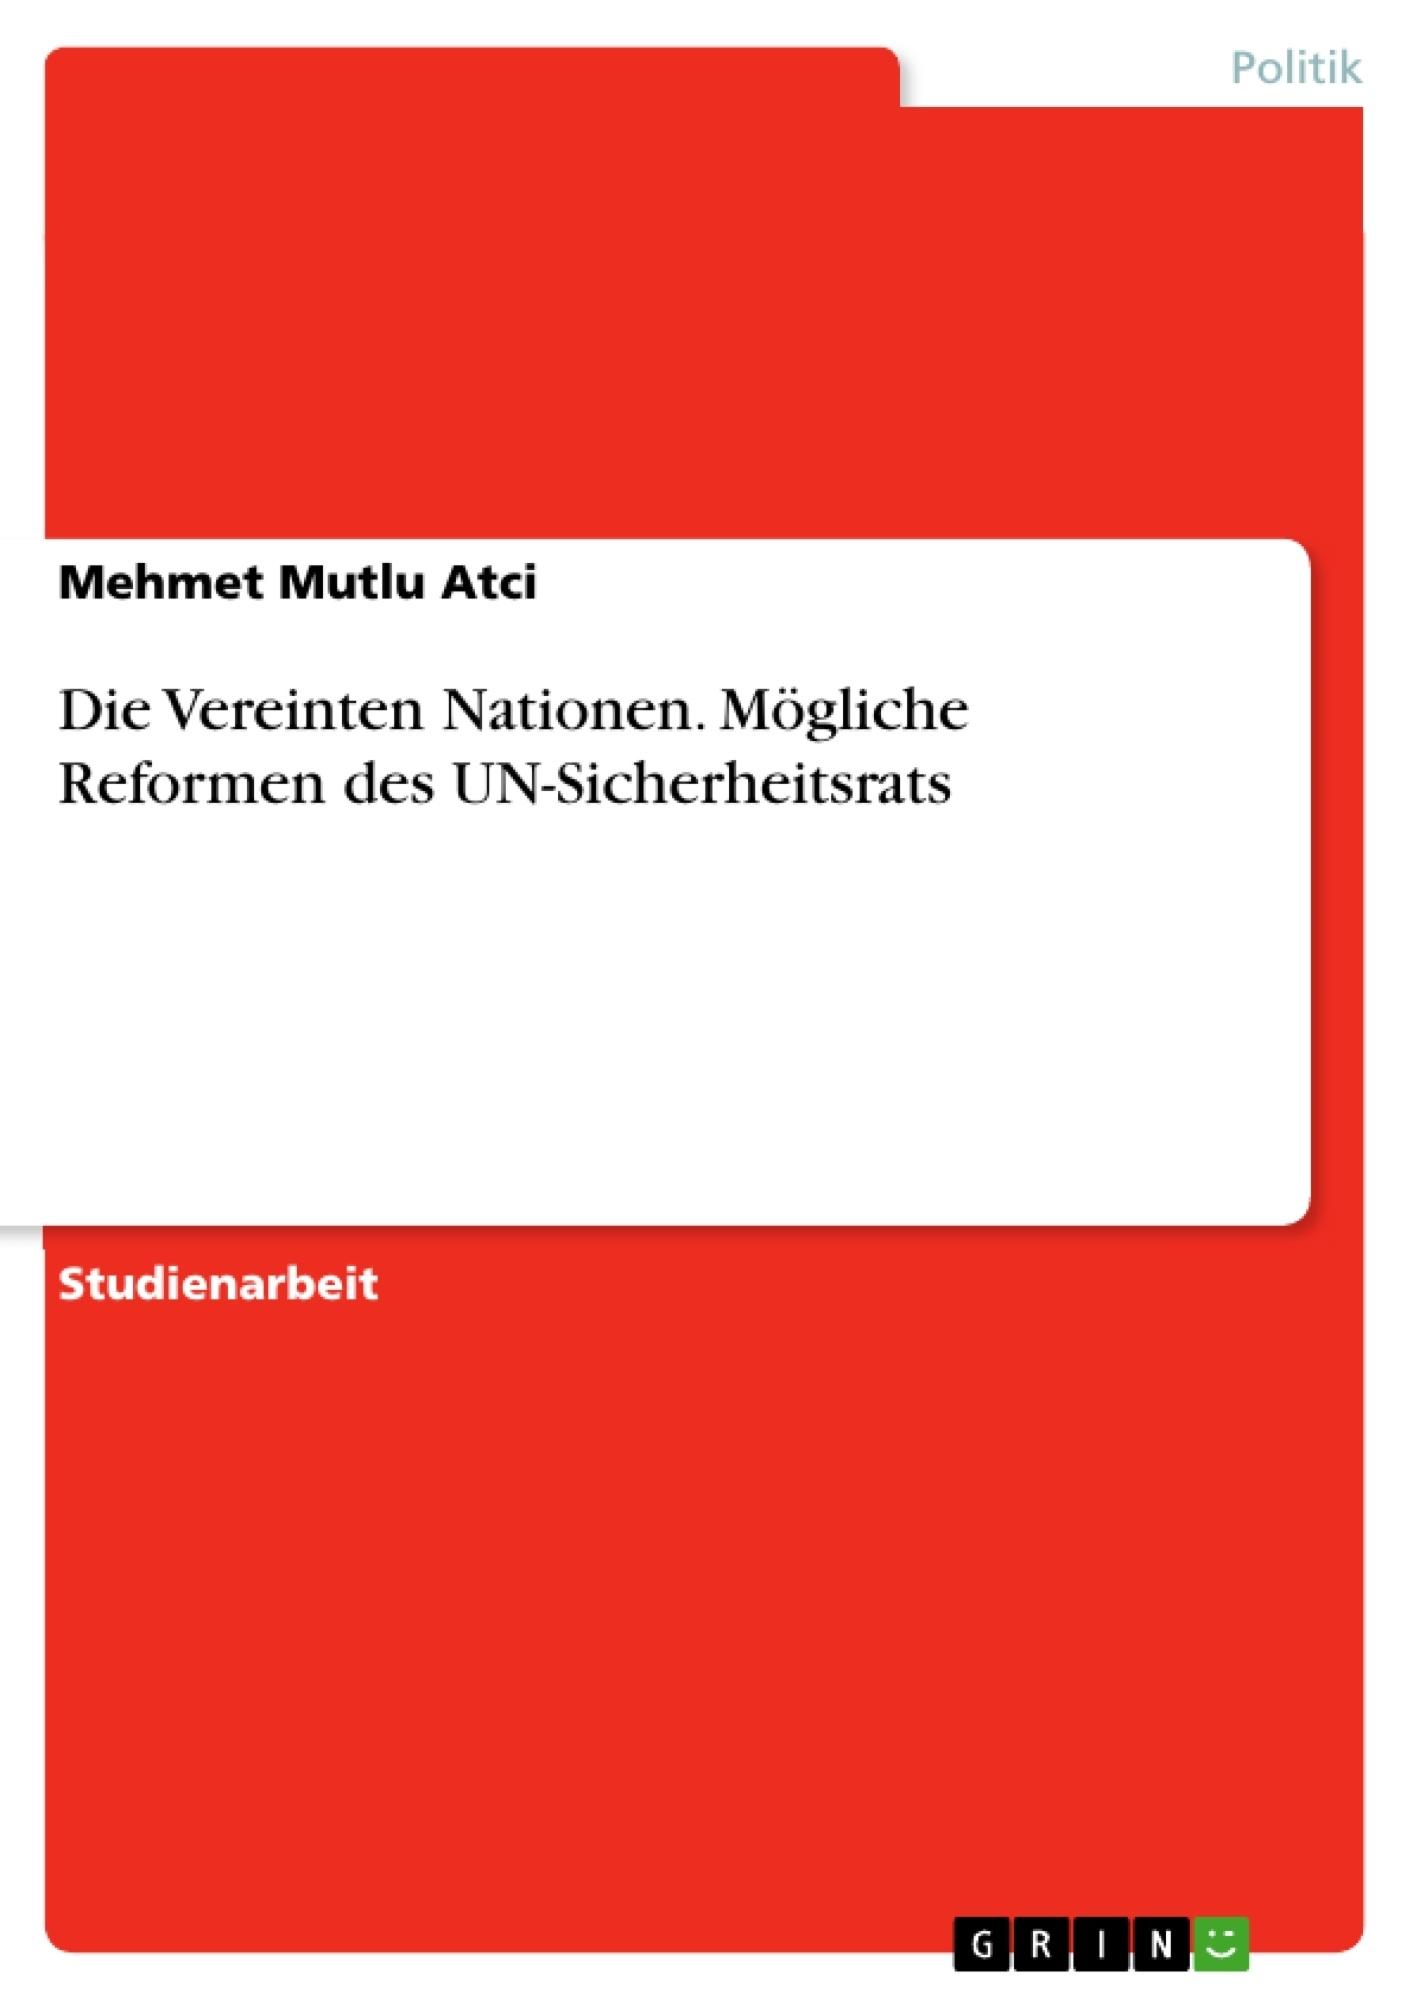 Titel: Die Vereinten Nationen. Mögliche Reformen des UN-Sicherheitsrats